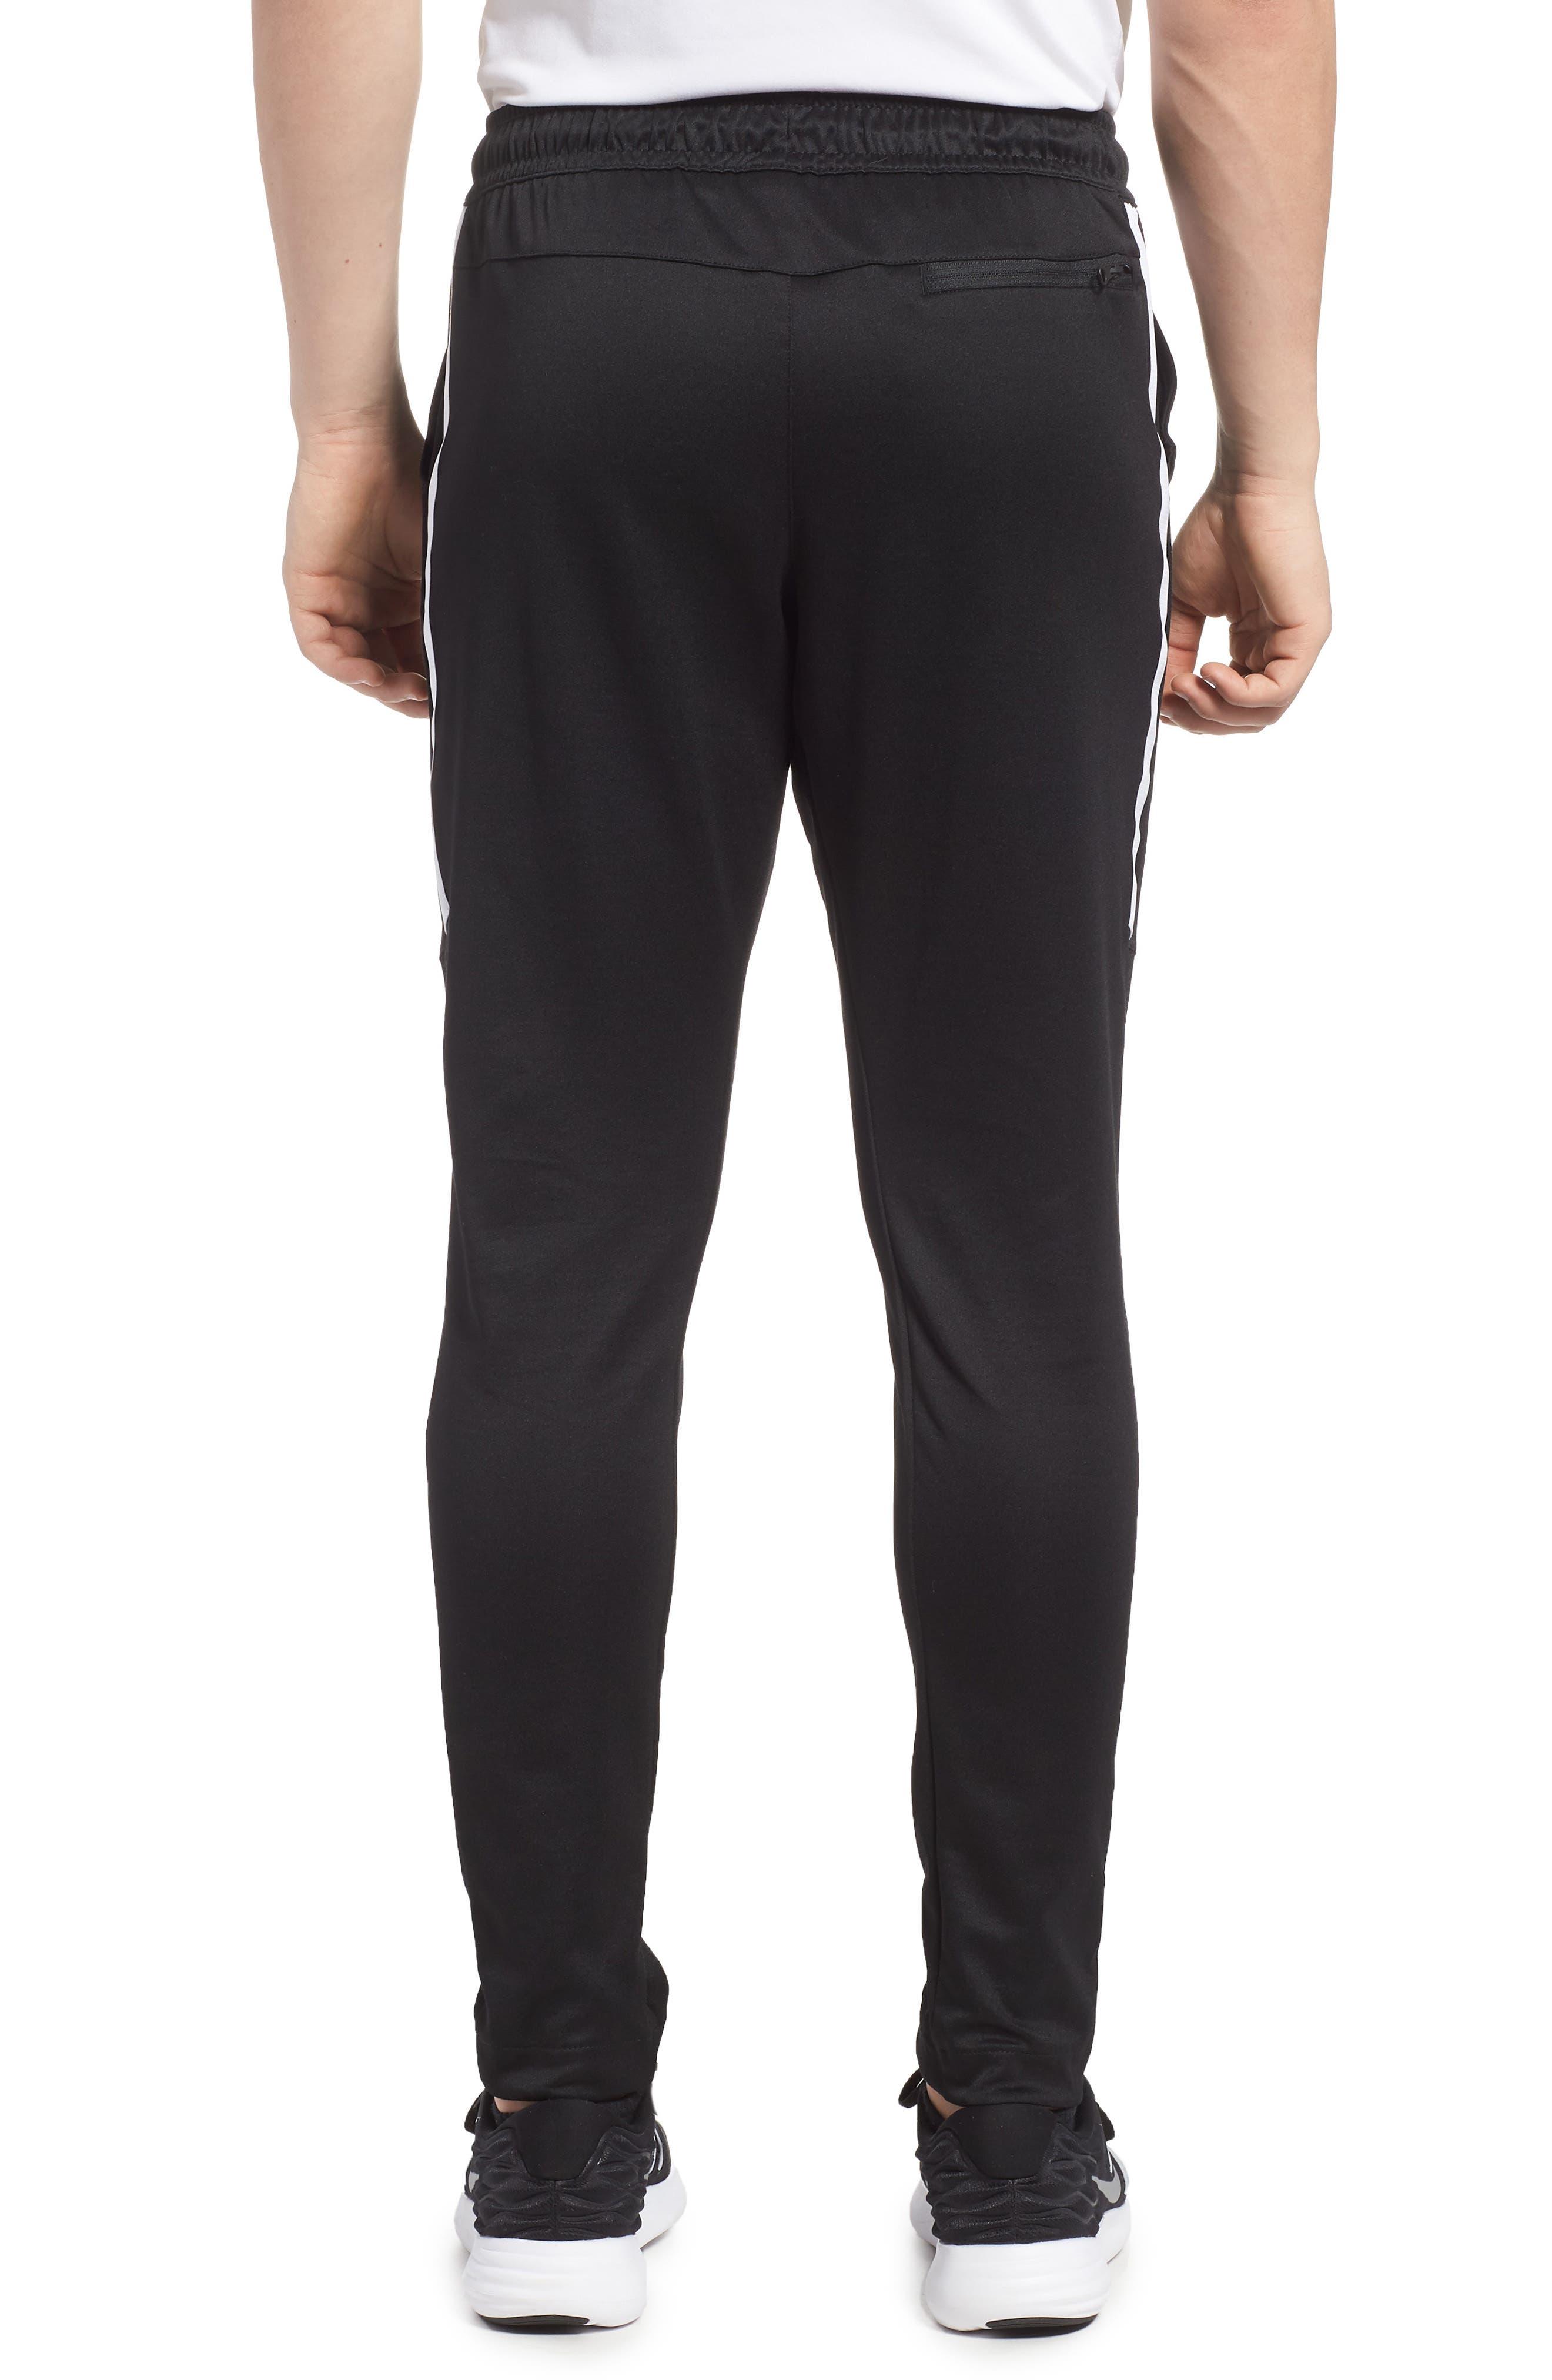 NSW Tribute Jogger Pants,                             Alternate thumbnail 2, color,                             Black/ White/ White